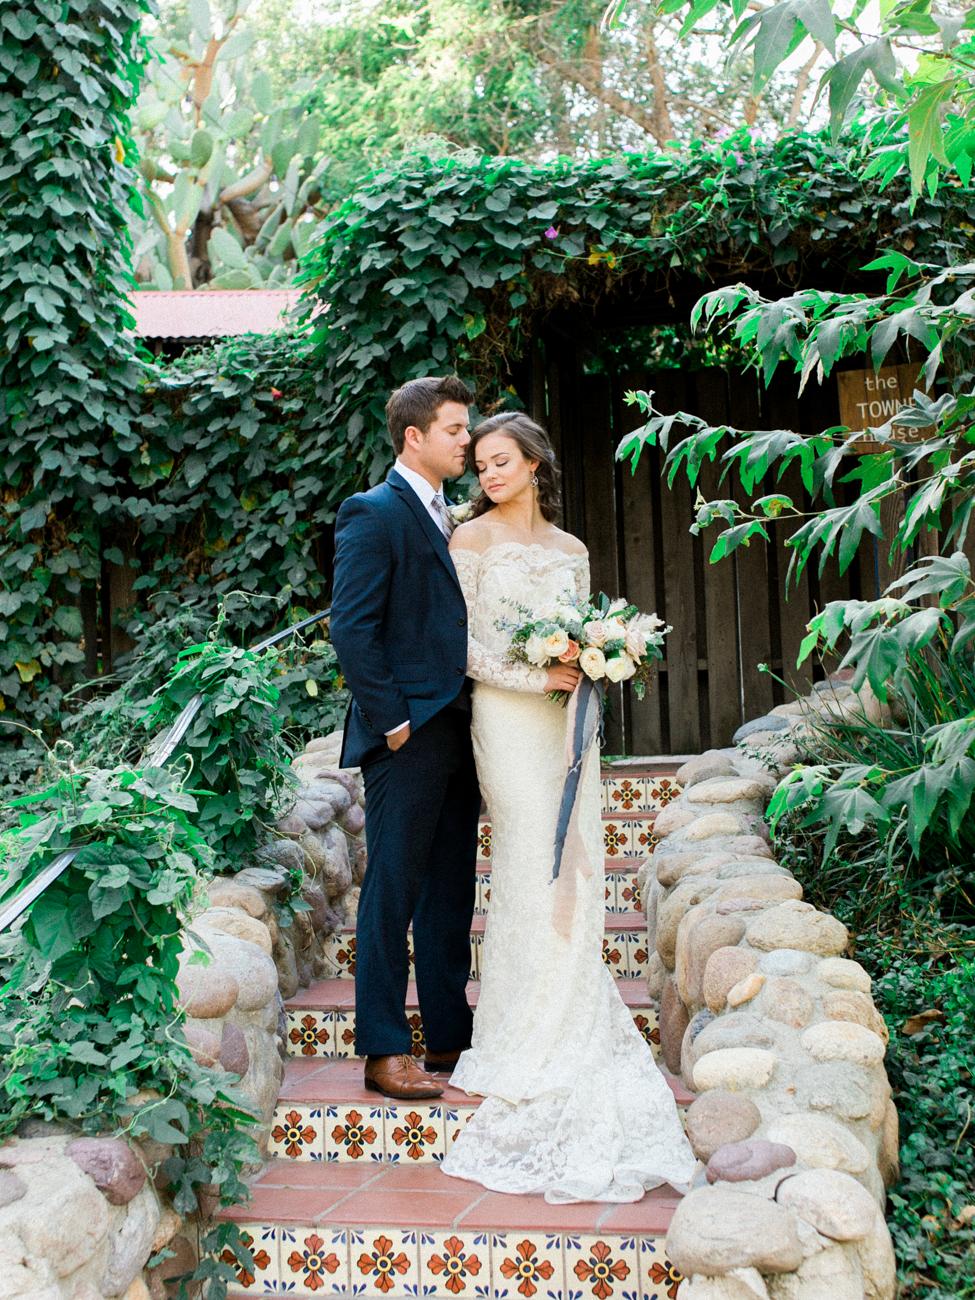 DennisRoyCoronel__RanchoLasLomas_Wedding-44.jpg